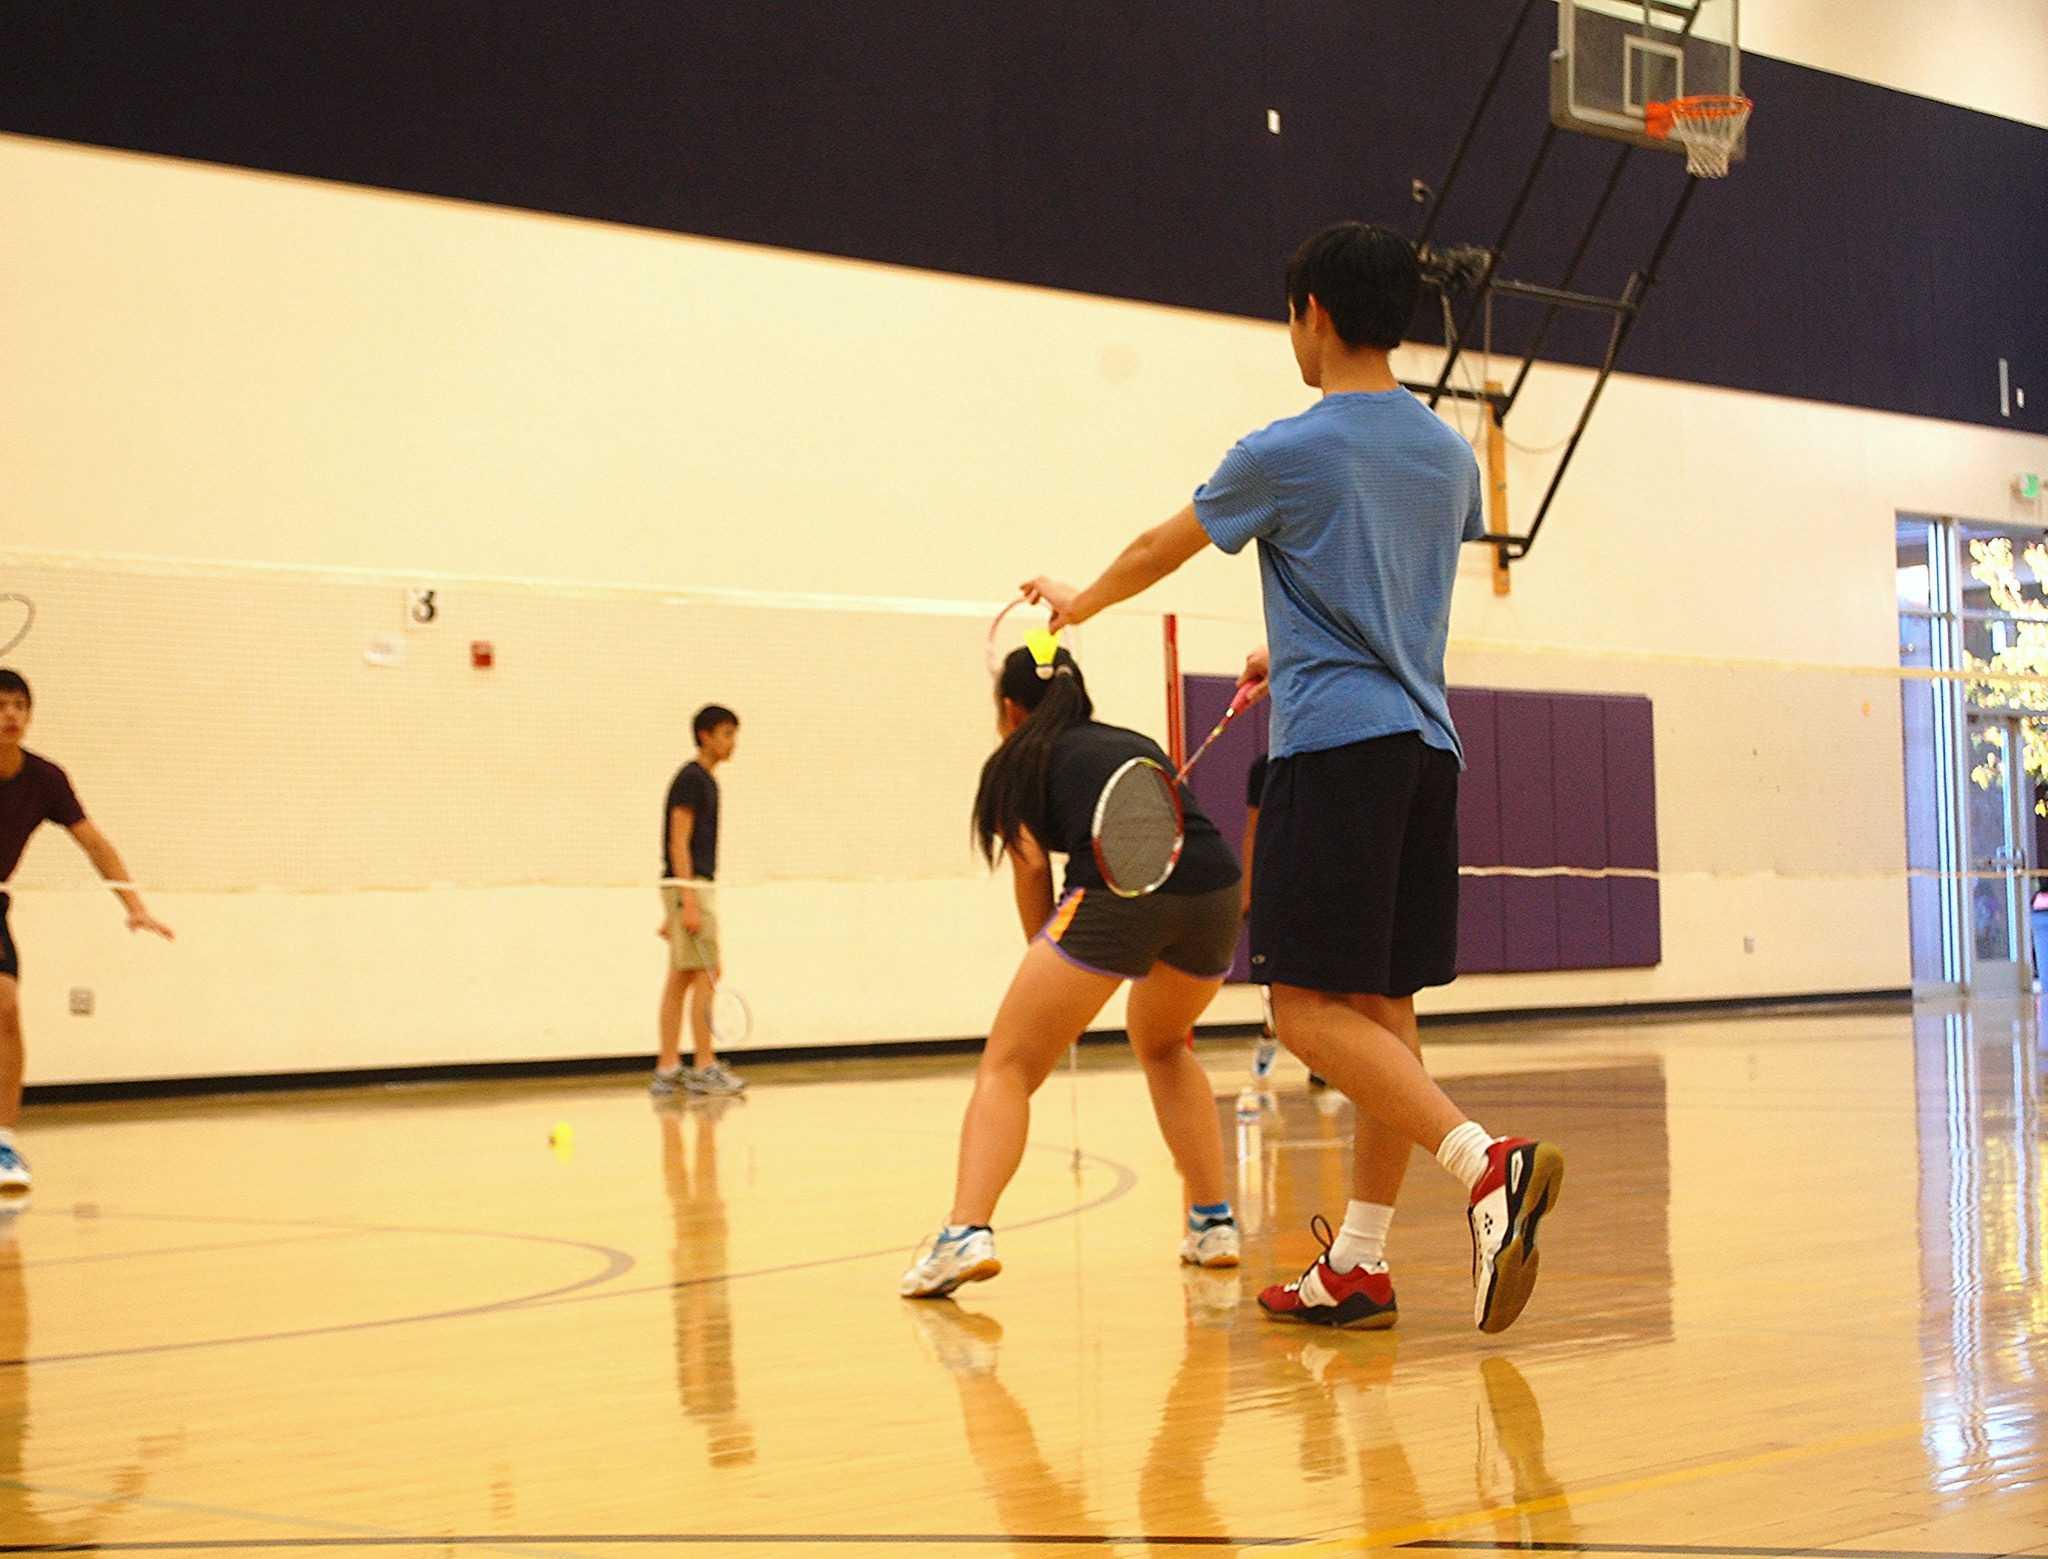 hobby badminton essays